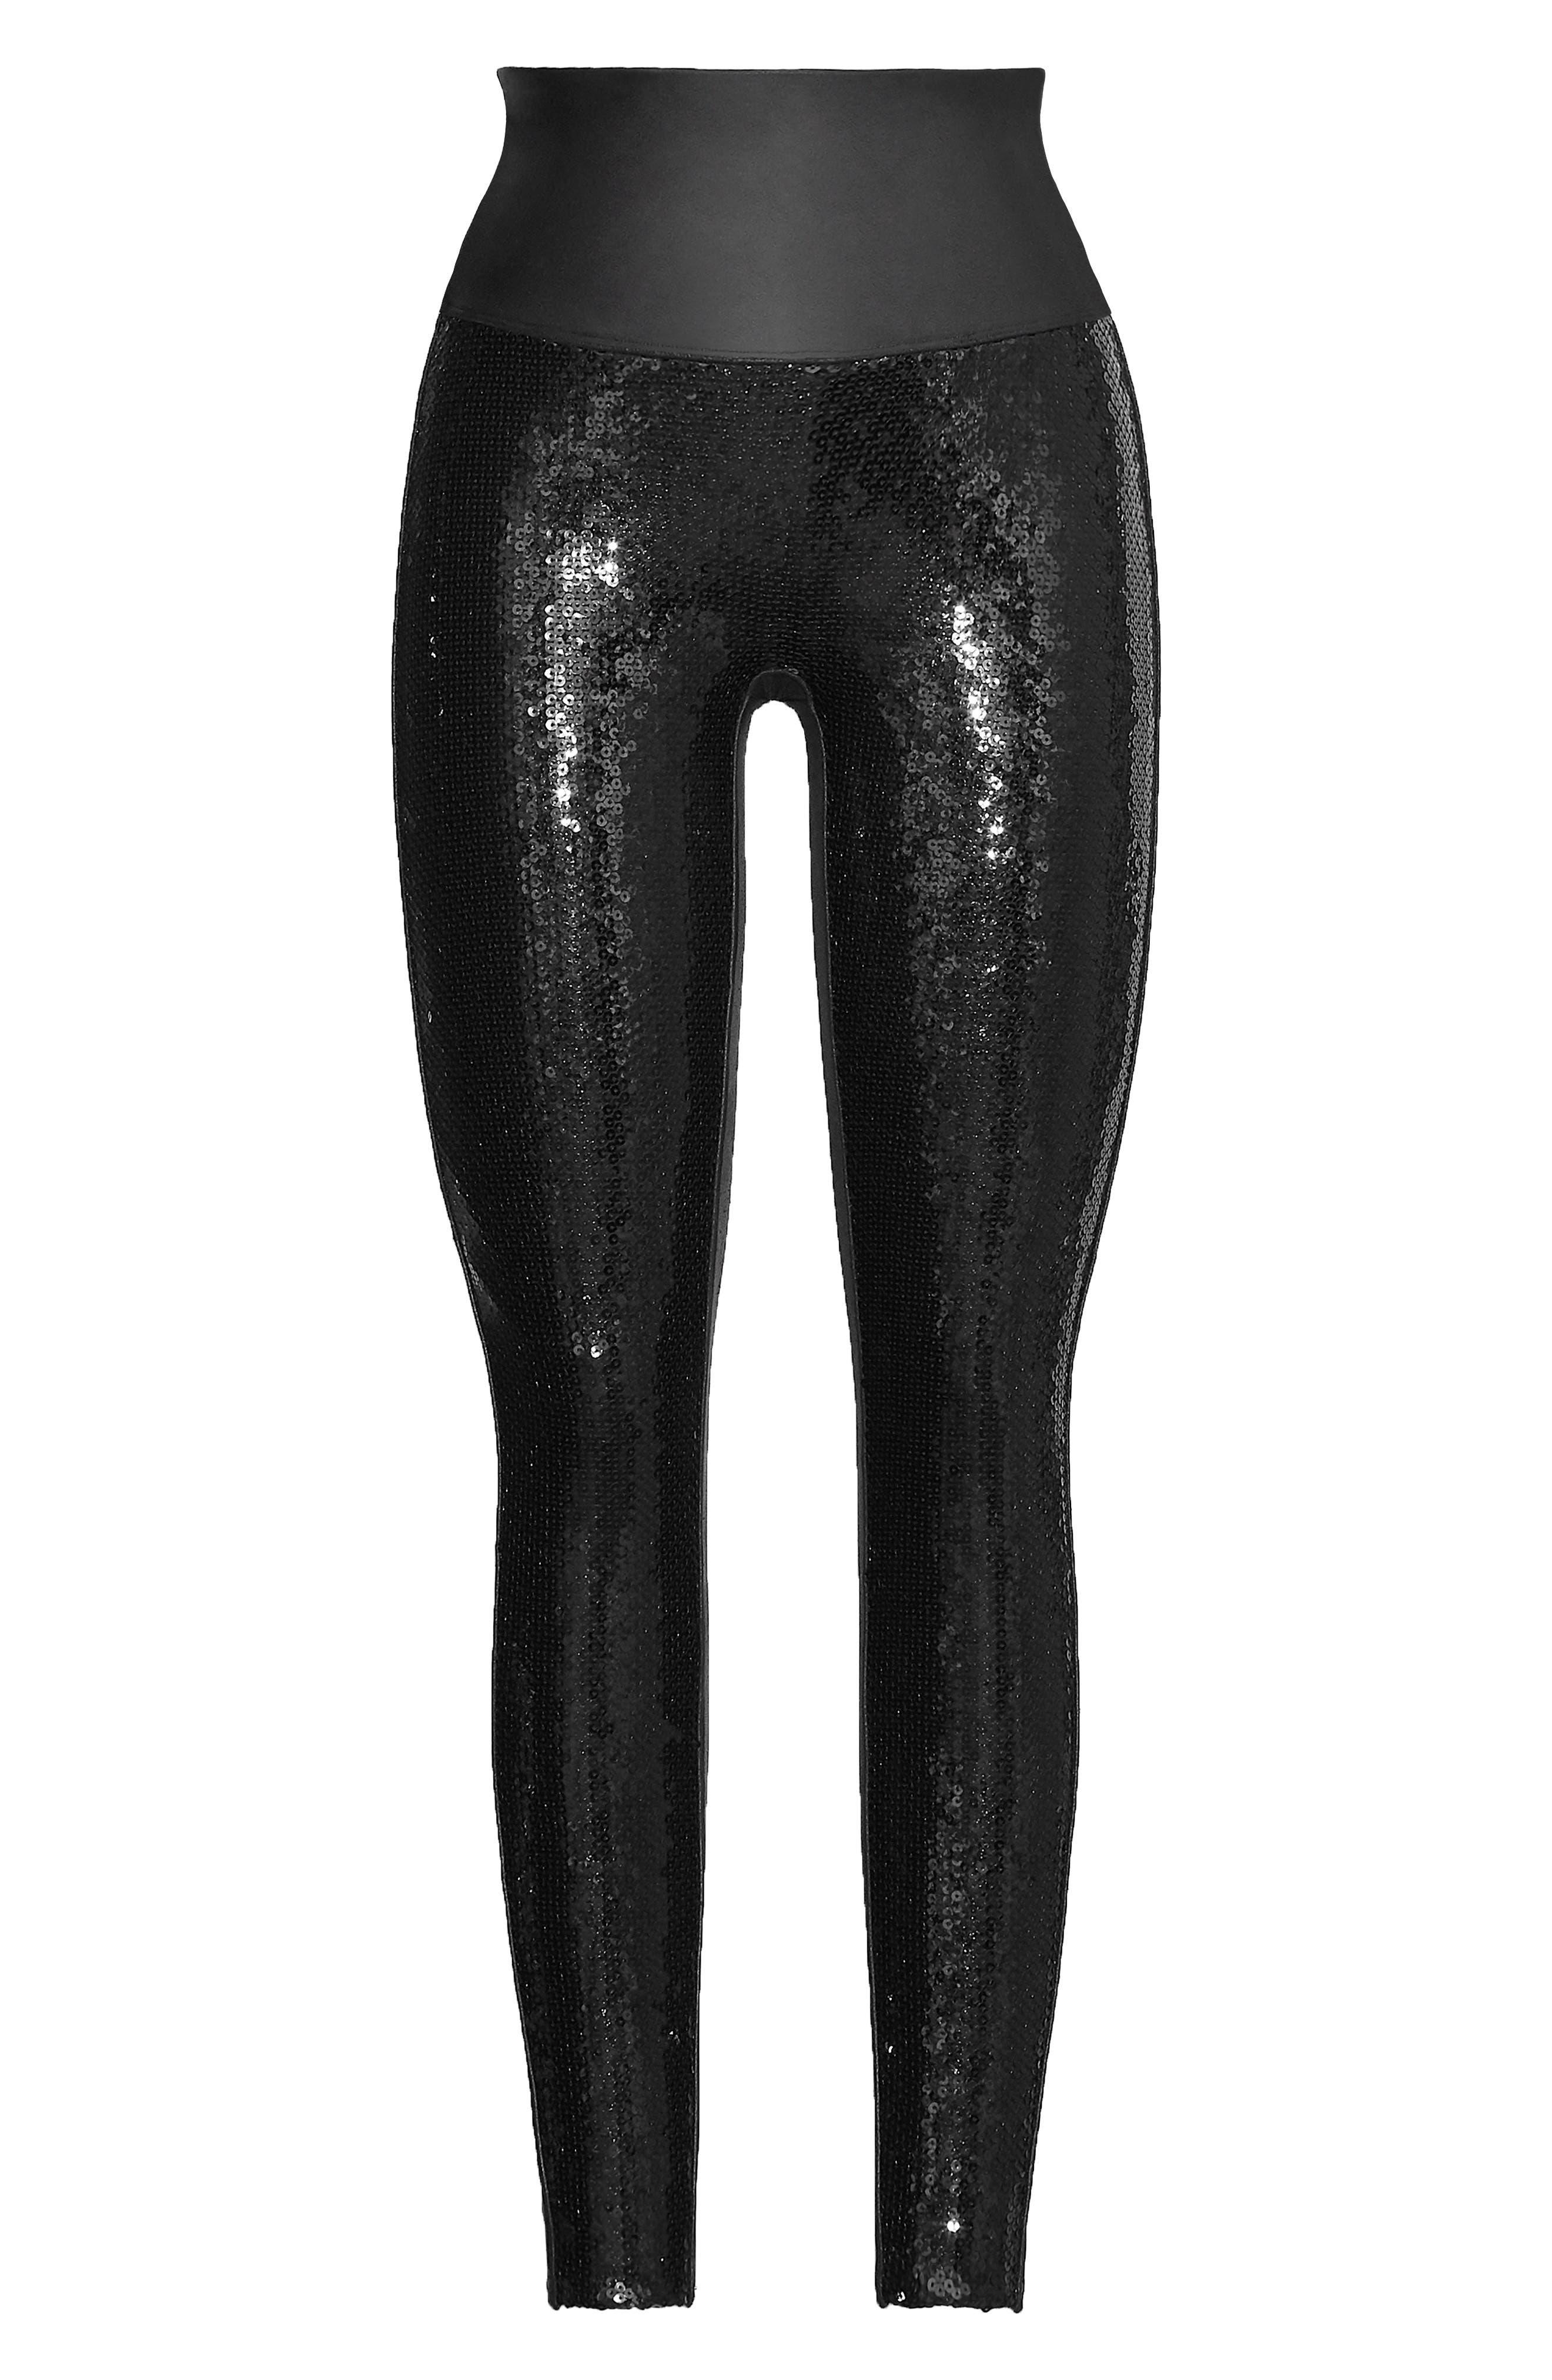 Sequin Faux Leather Leggings,                             Alternate thumbnail 7, color,                             BLACK SEQUIN